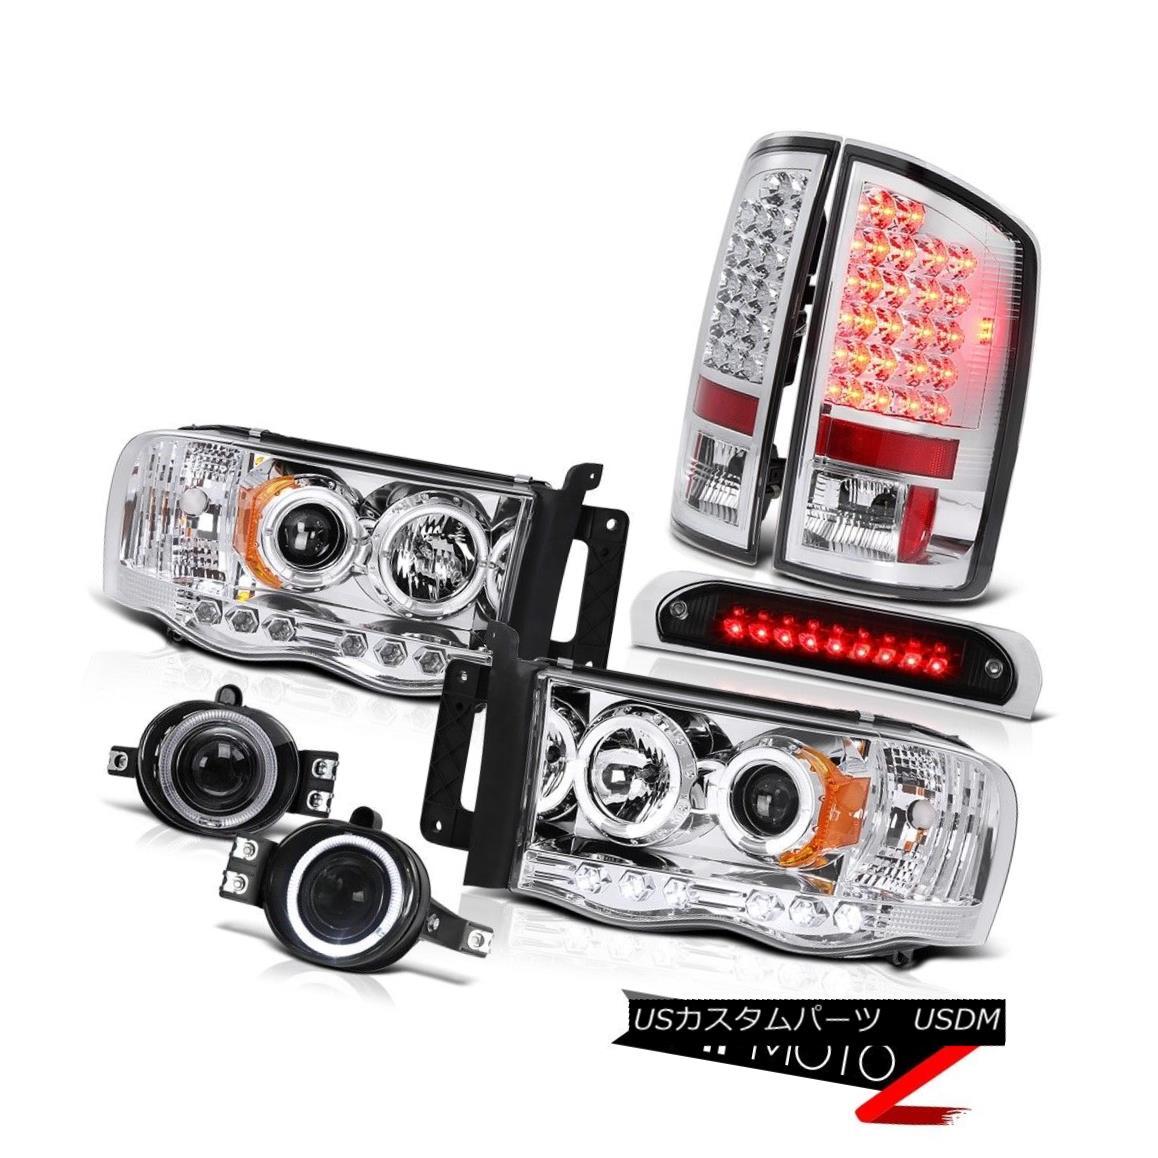 テールライト 02 03 04 05 Ram LED Headlight Brake Tail Lights Projector Foglight High Stop Blk 02 03 04 05ラムLEDヘッドライトブレーキテールライトプロジェクターフォグライトハイストップBlk